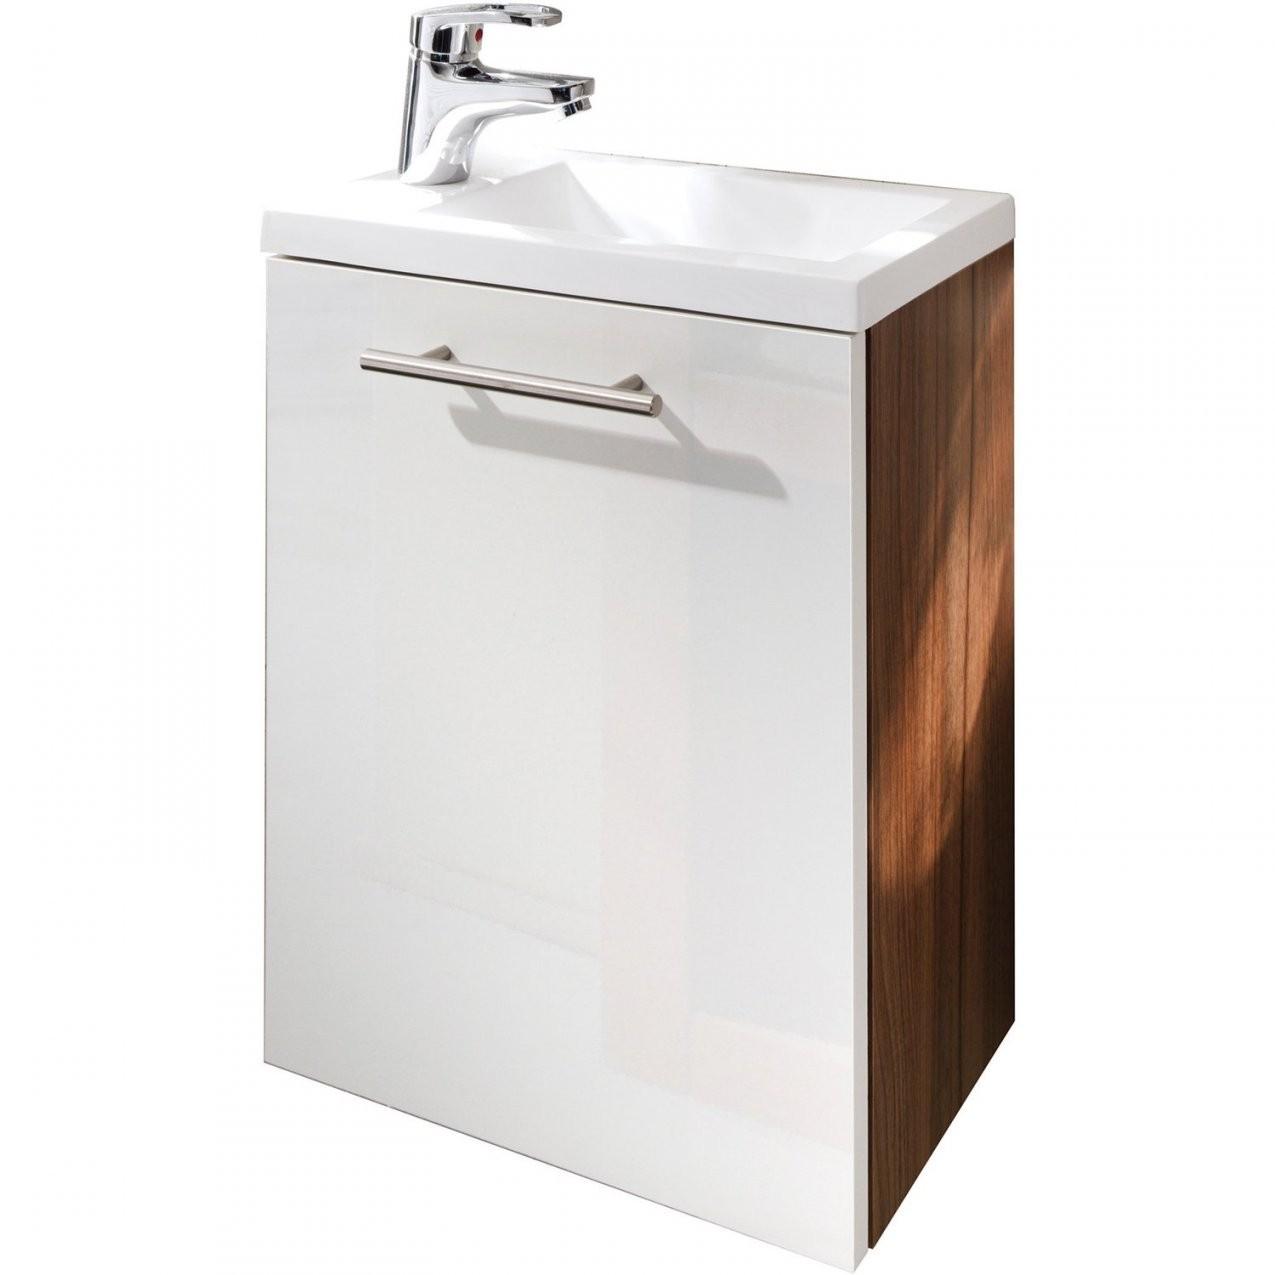 Waschtisch Mit Unterschrank Kaufen Bei Obi von Waschbecken Klein Mit Unterschrank Photo